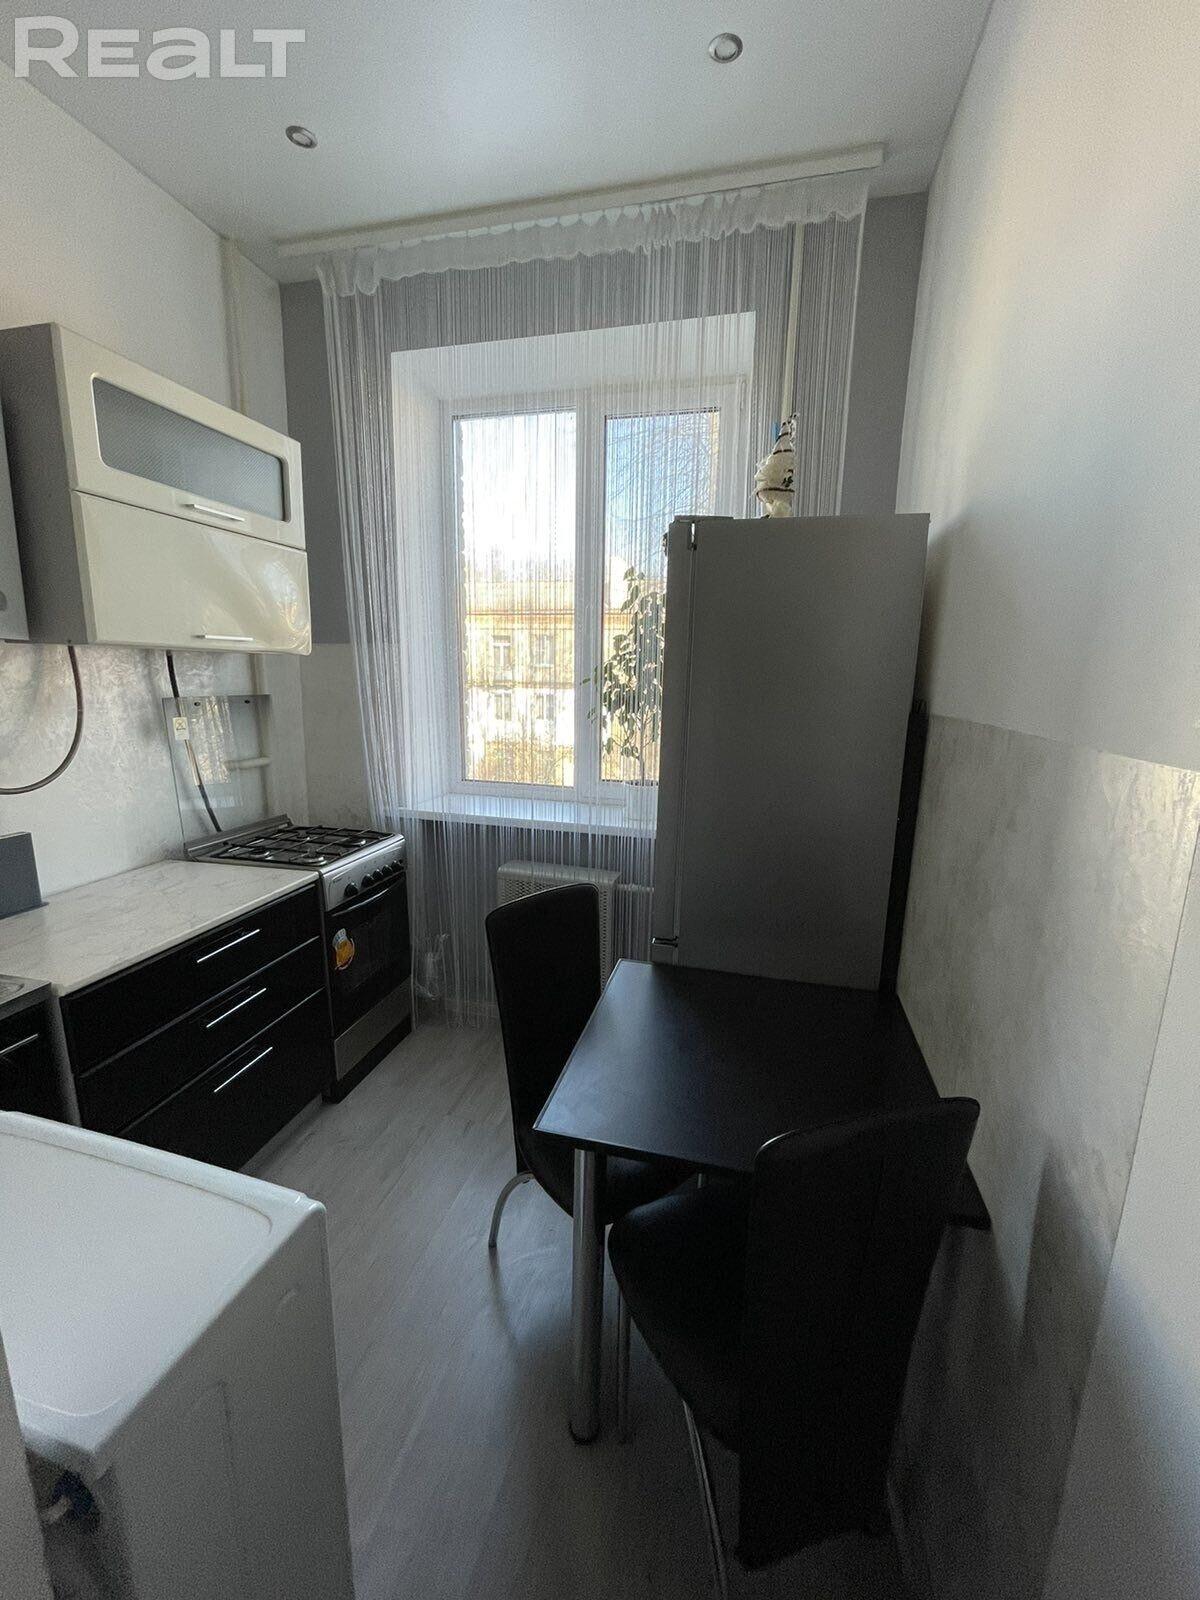 Продажа 1 комнатной квартиры в г. Минске, ул. Хмелевского, дом 34 (р-н Р.Люксембург, К.Либкнехта). Цена 116 795 руб c торгом